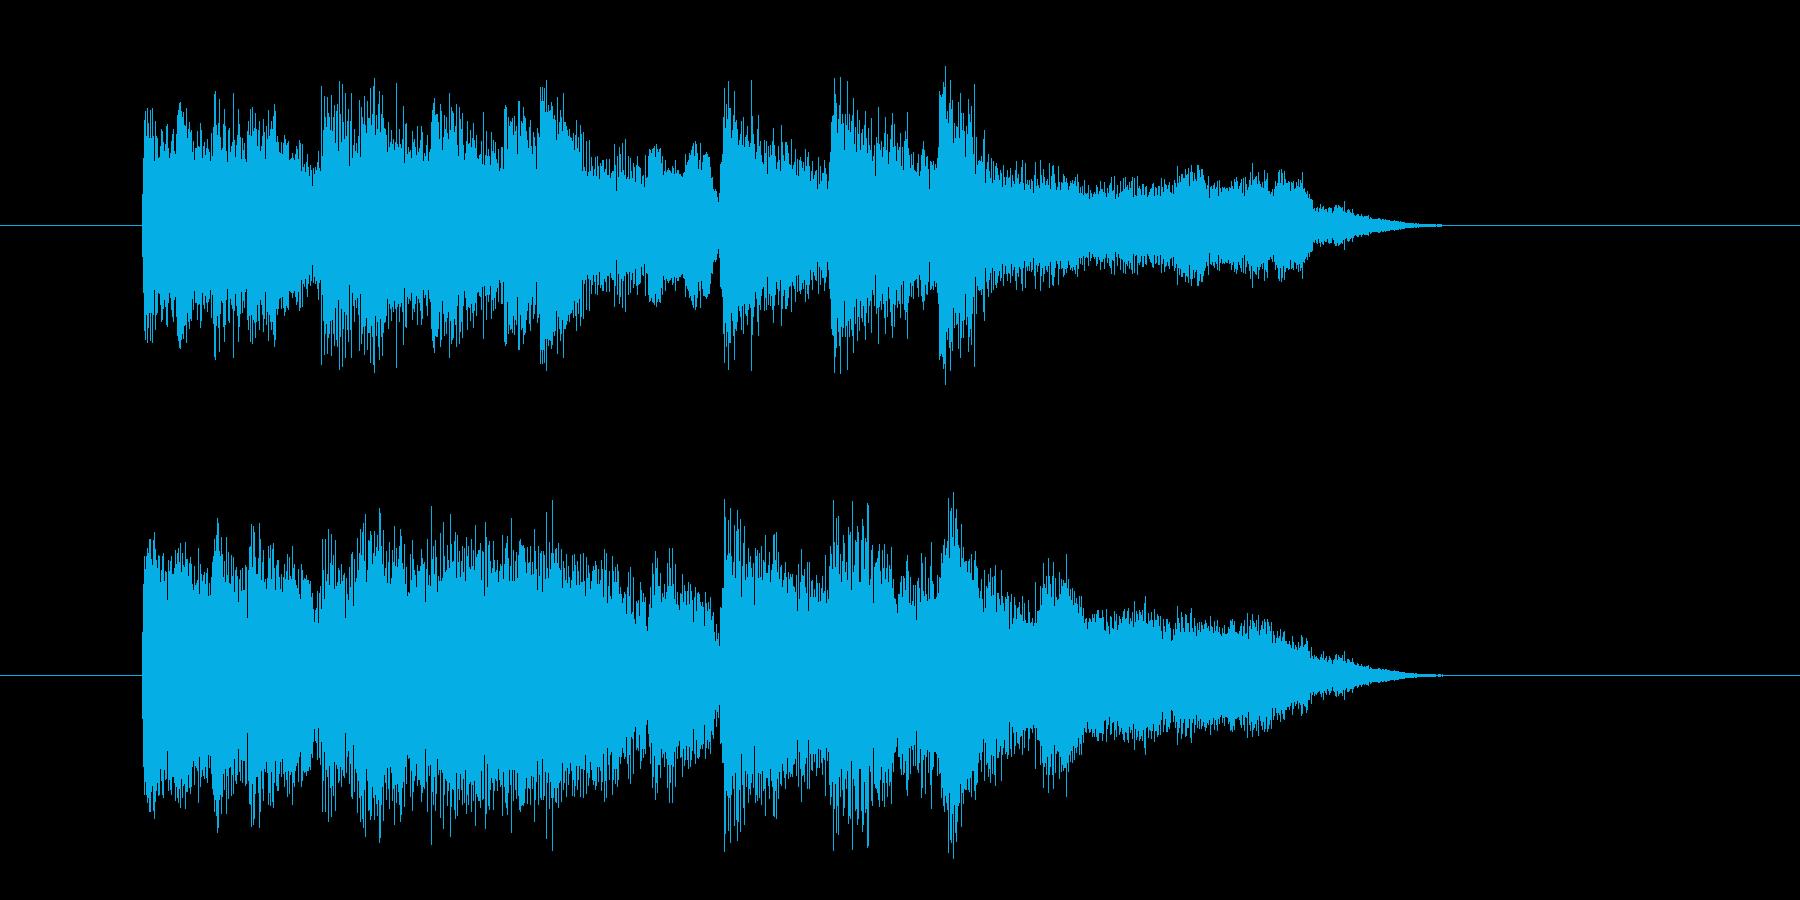 場面転換 穏やか テーマ 青空 上品の再生済みの波形